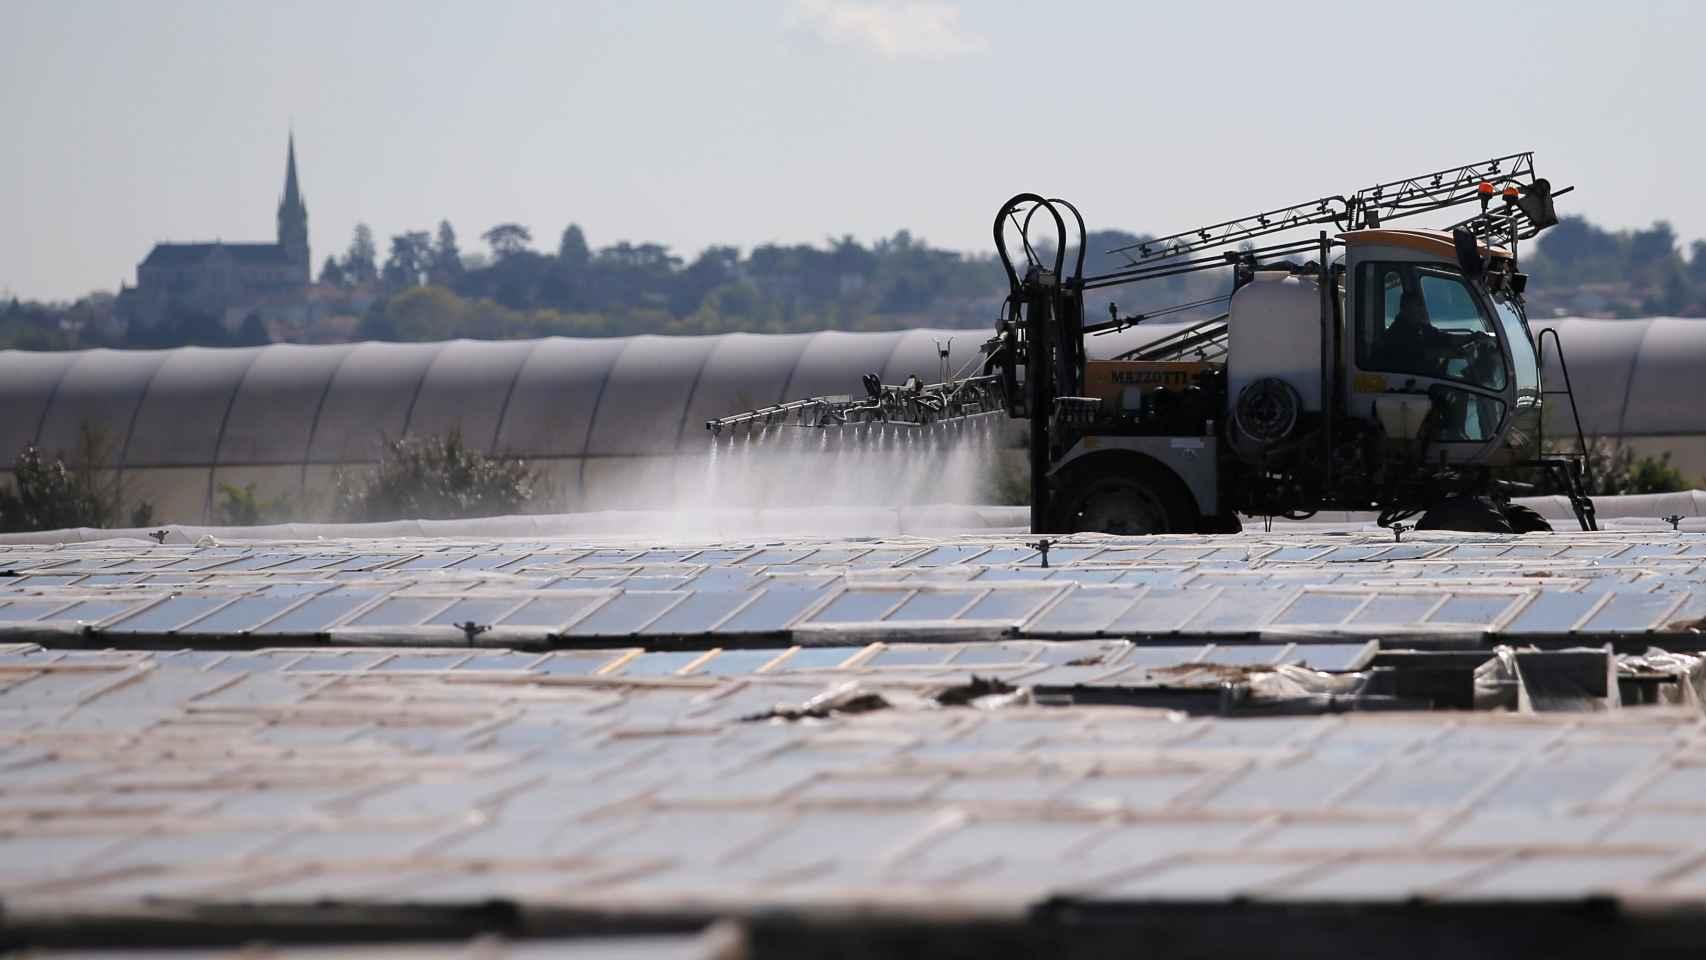 Un agricultor vierte productos fitosanitarios cerca de Nantes, Francia.